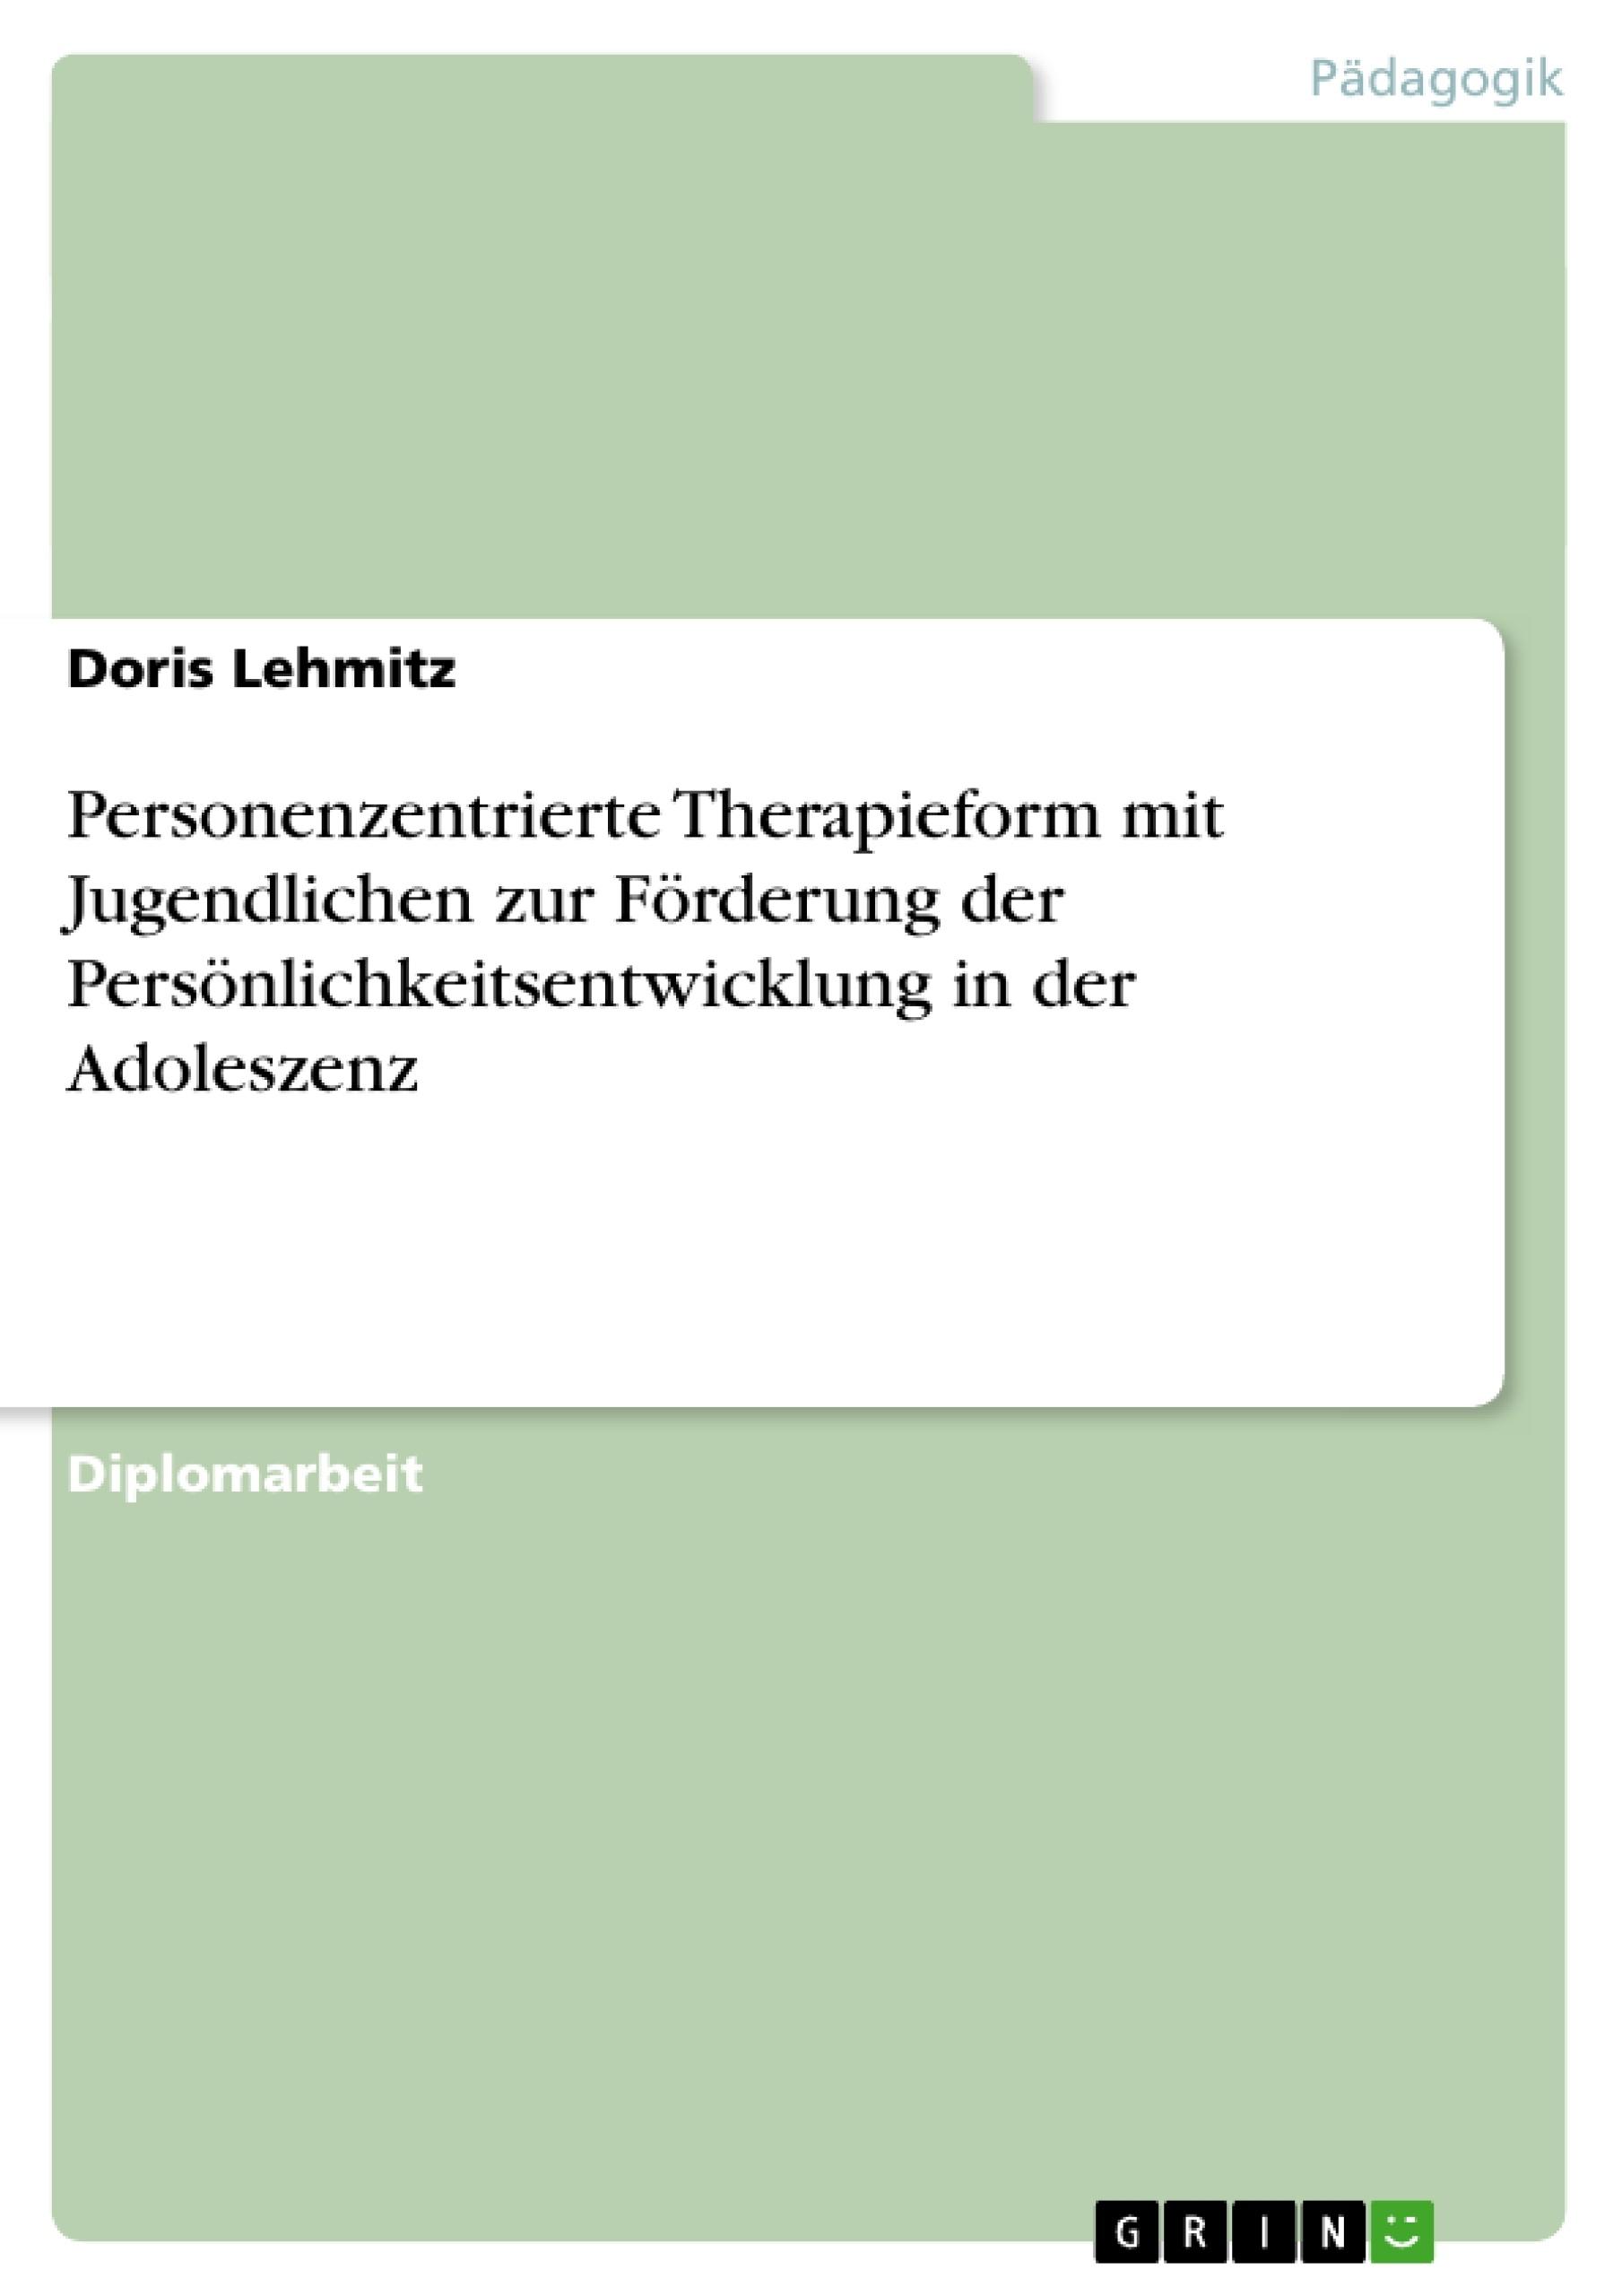 Titel: Personenzentrierte Therapieform mit Jugendlichen zur Förderung der Persönlichkeitsentwicklung in der Adoleszenz